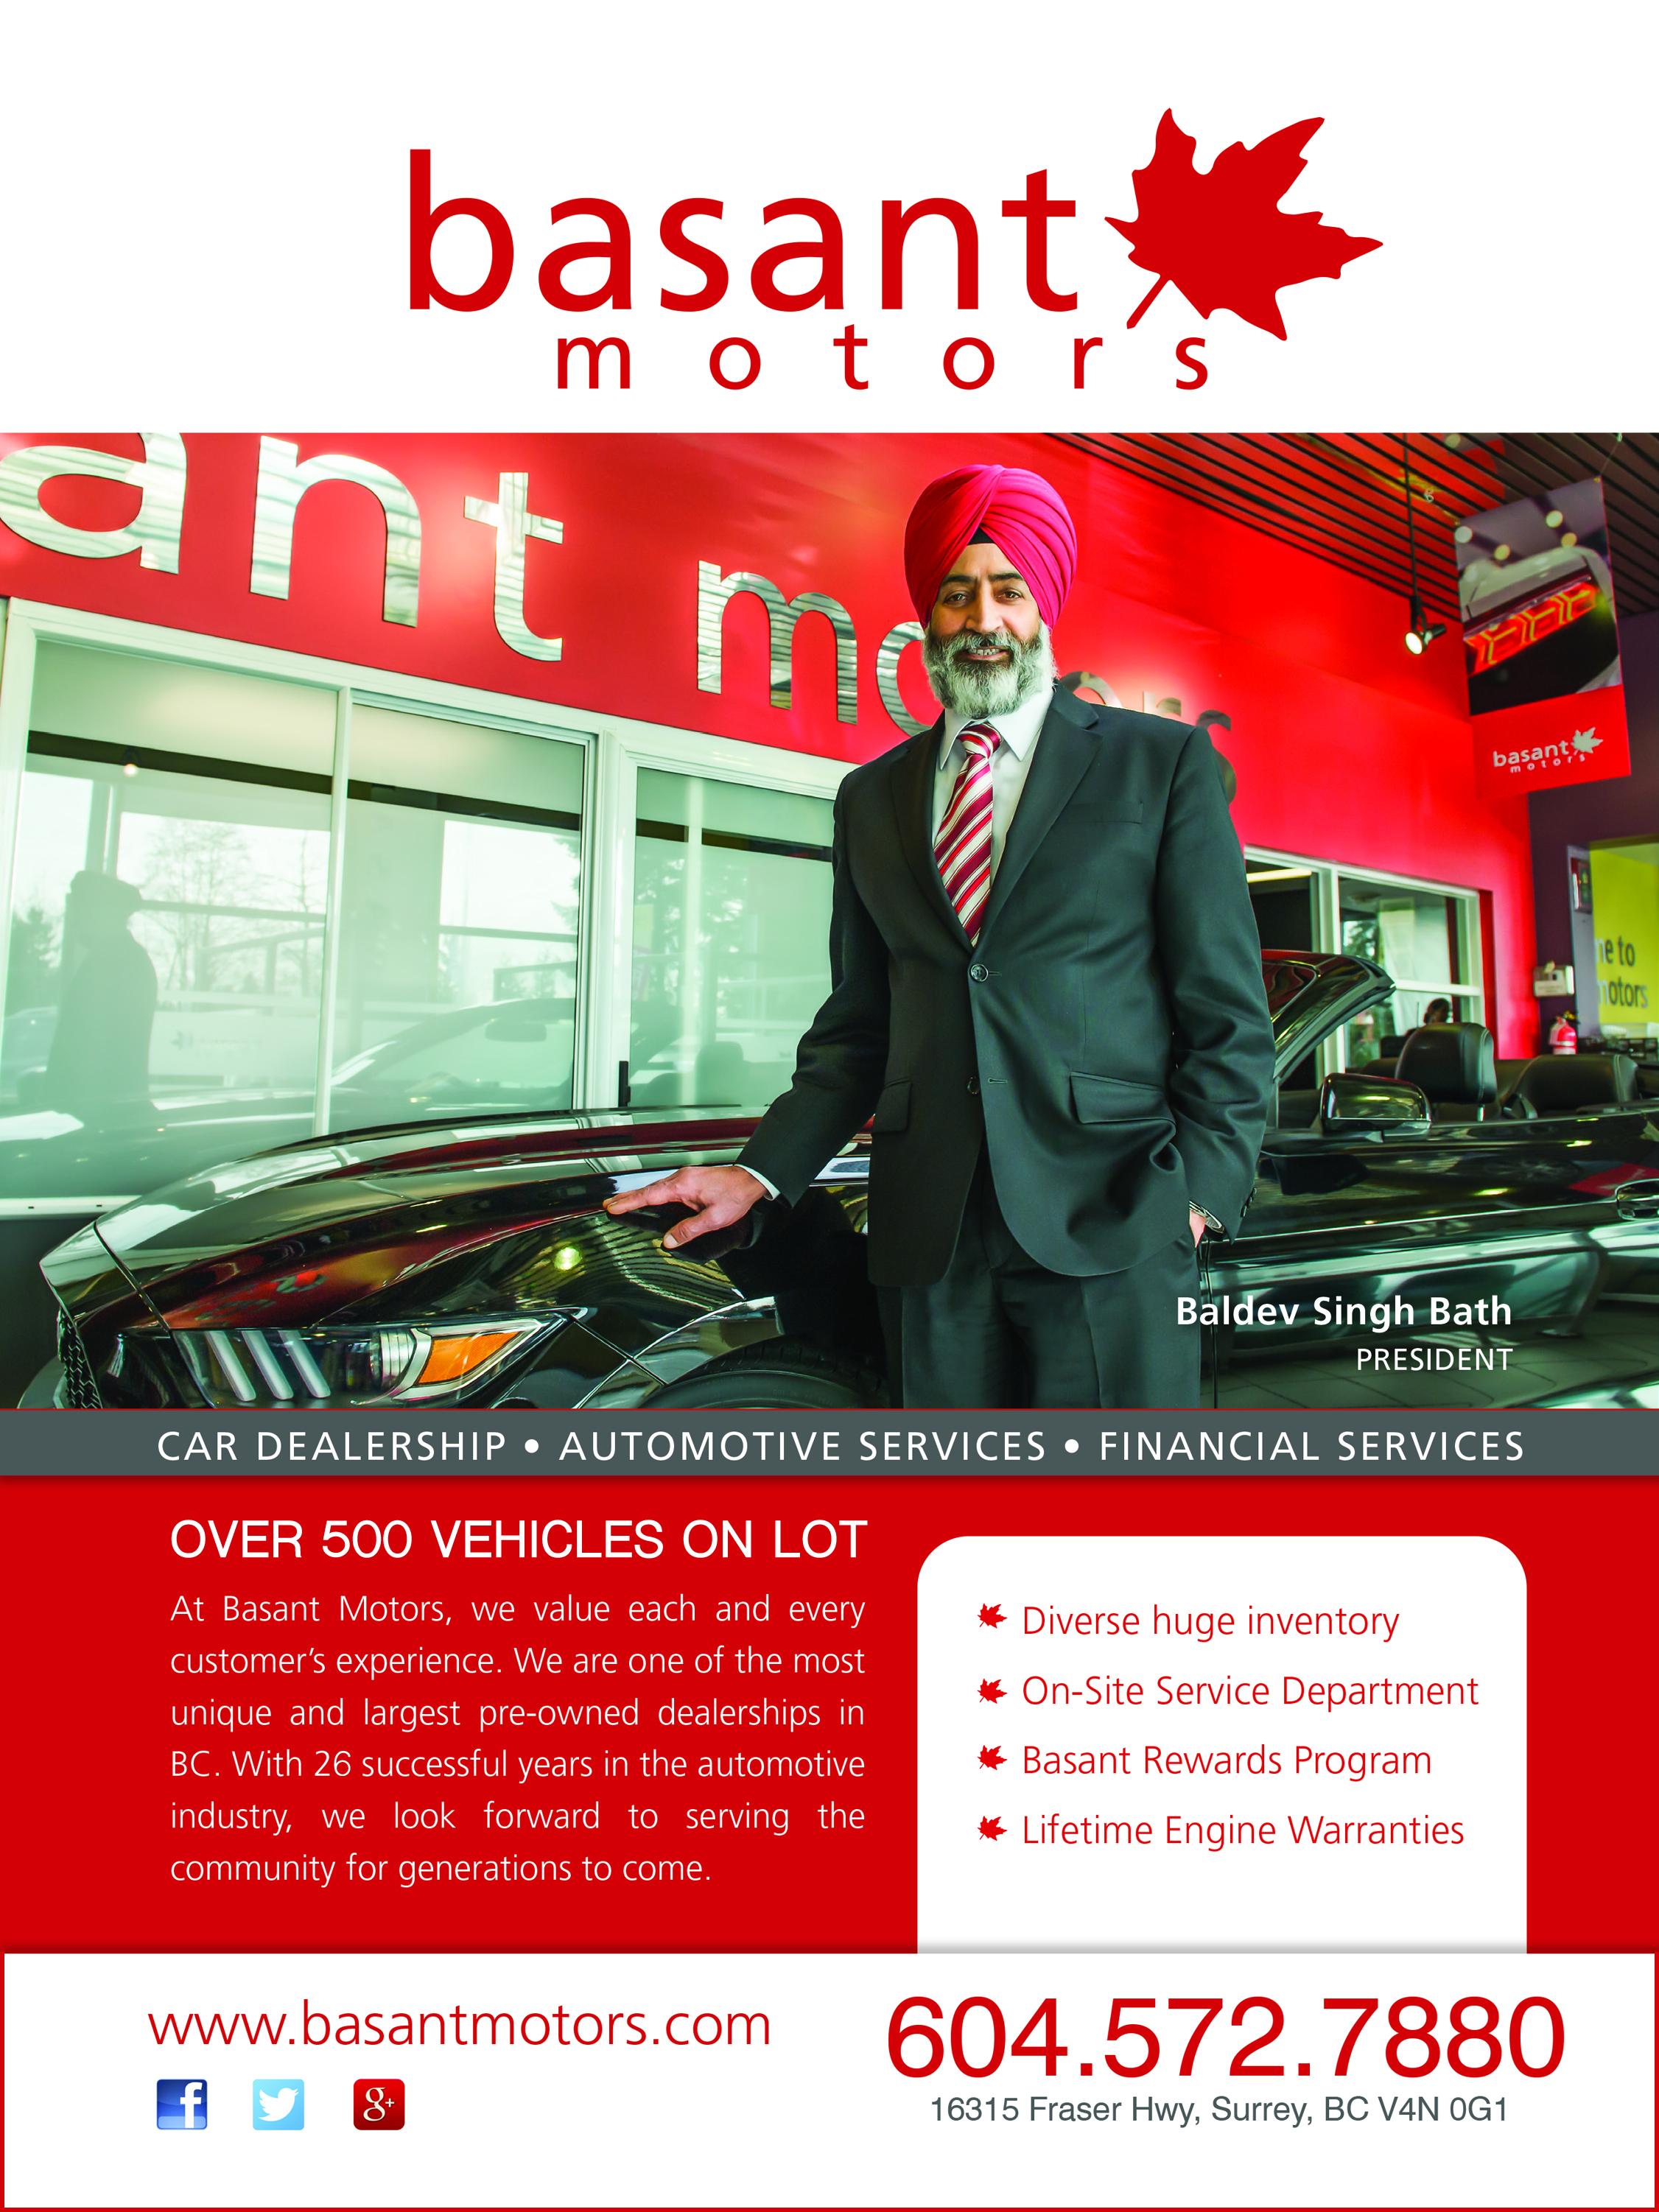 Basant Motors